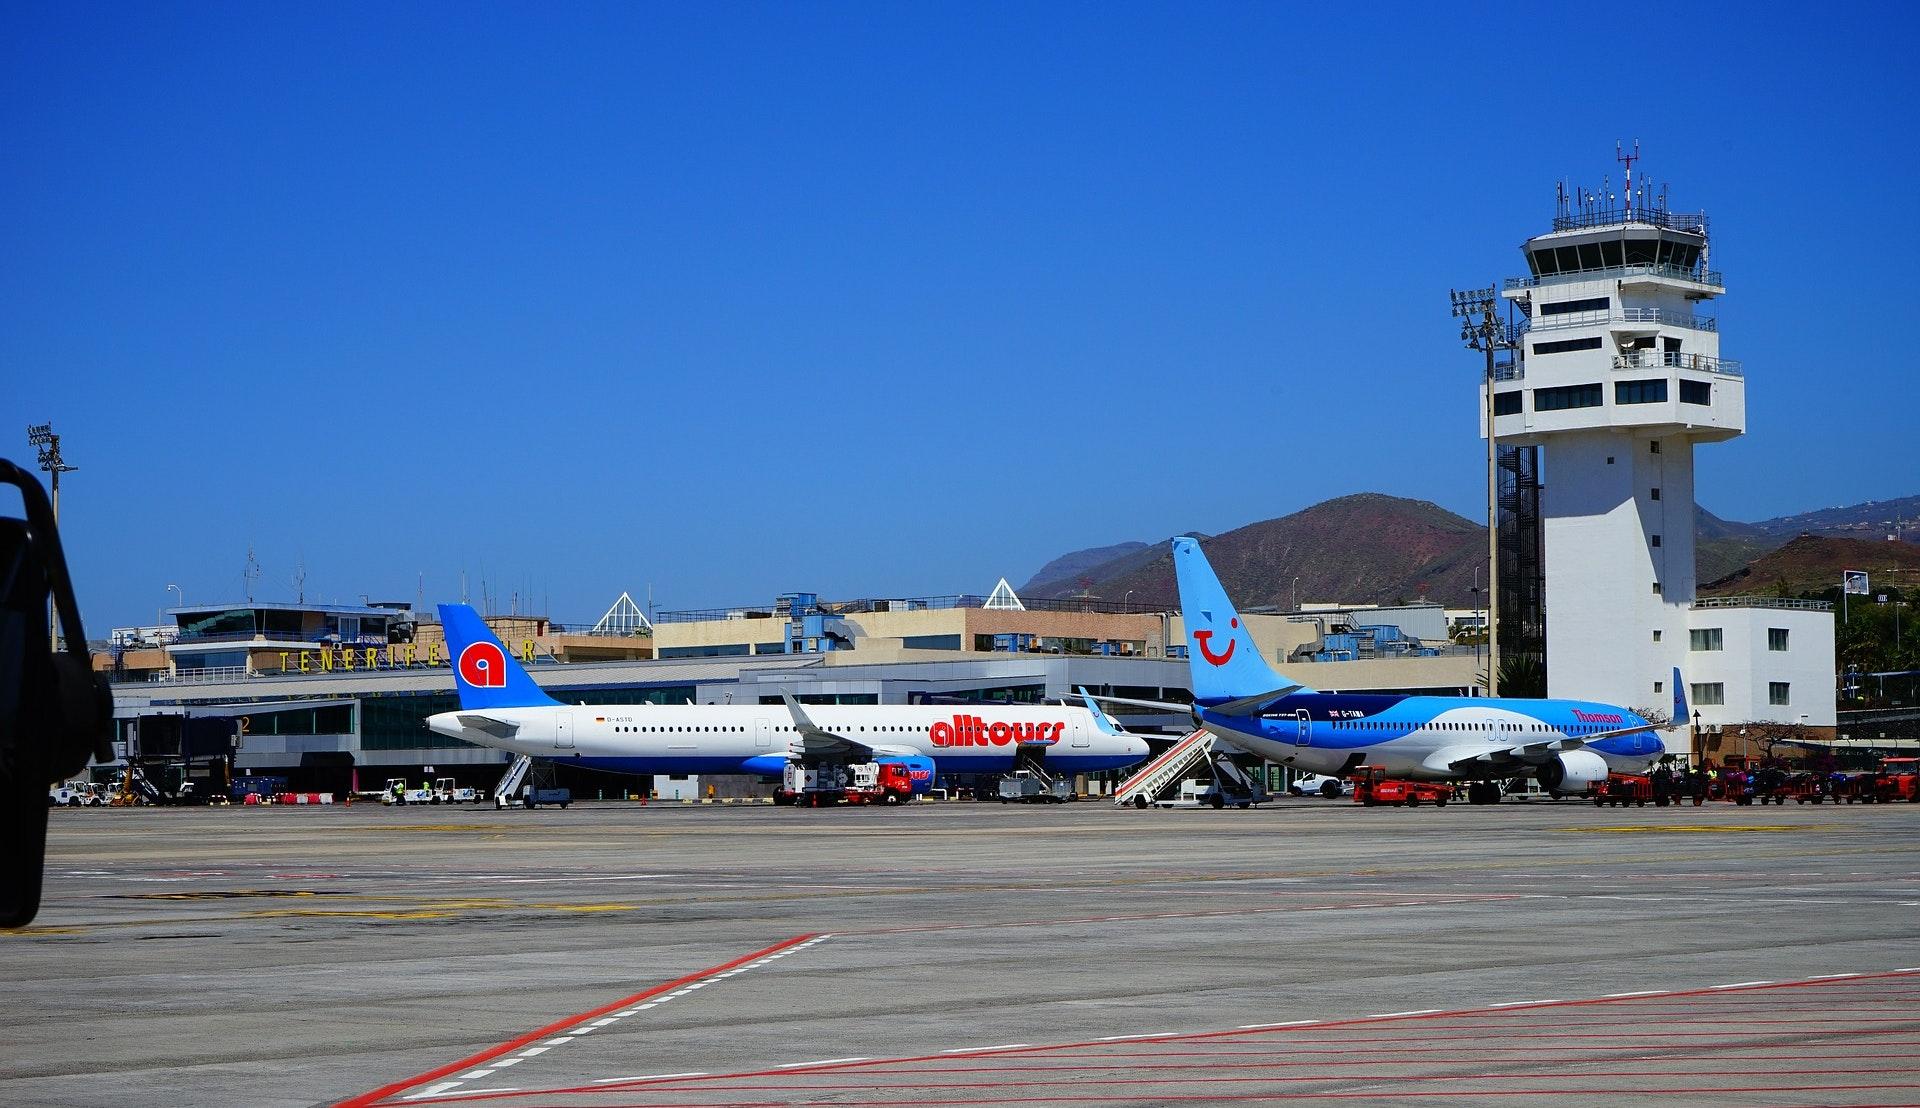 Tenerife lufthavn © Hans Braxmeier, Pixabay